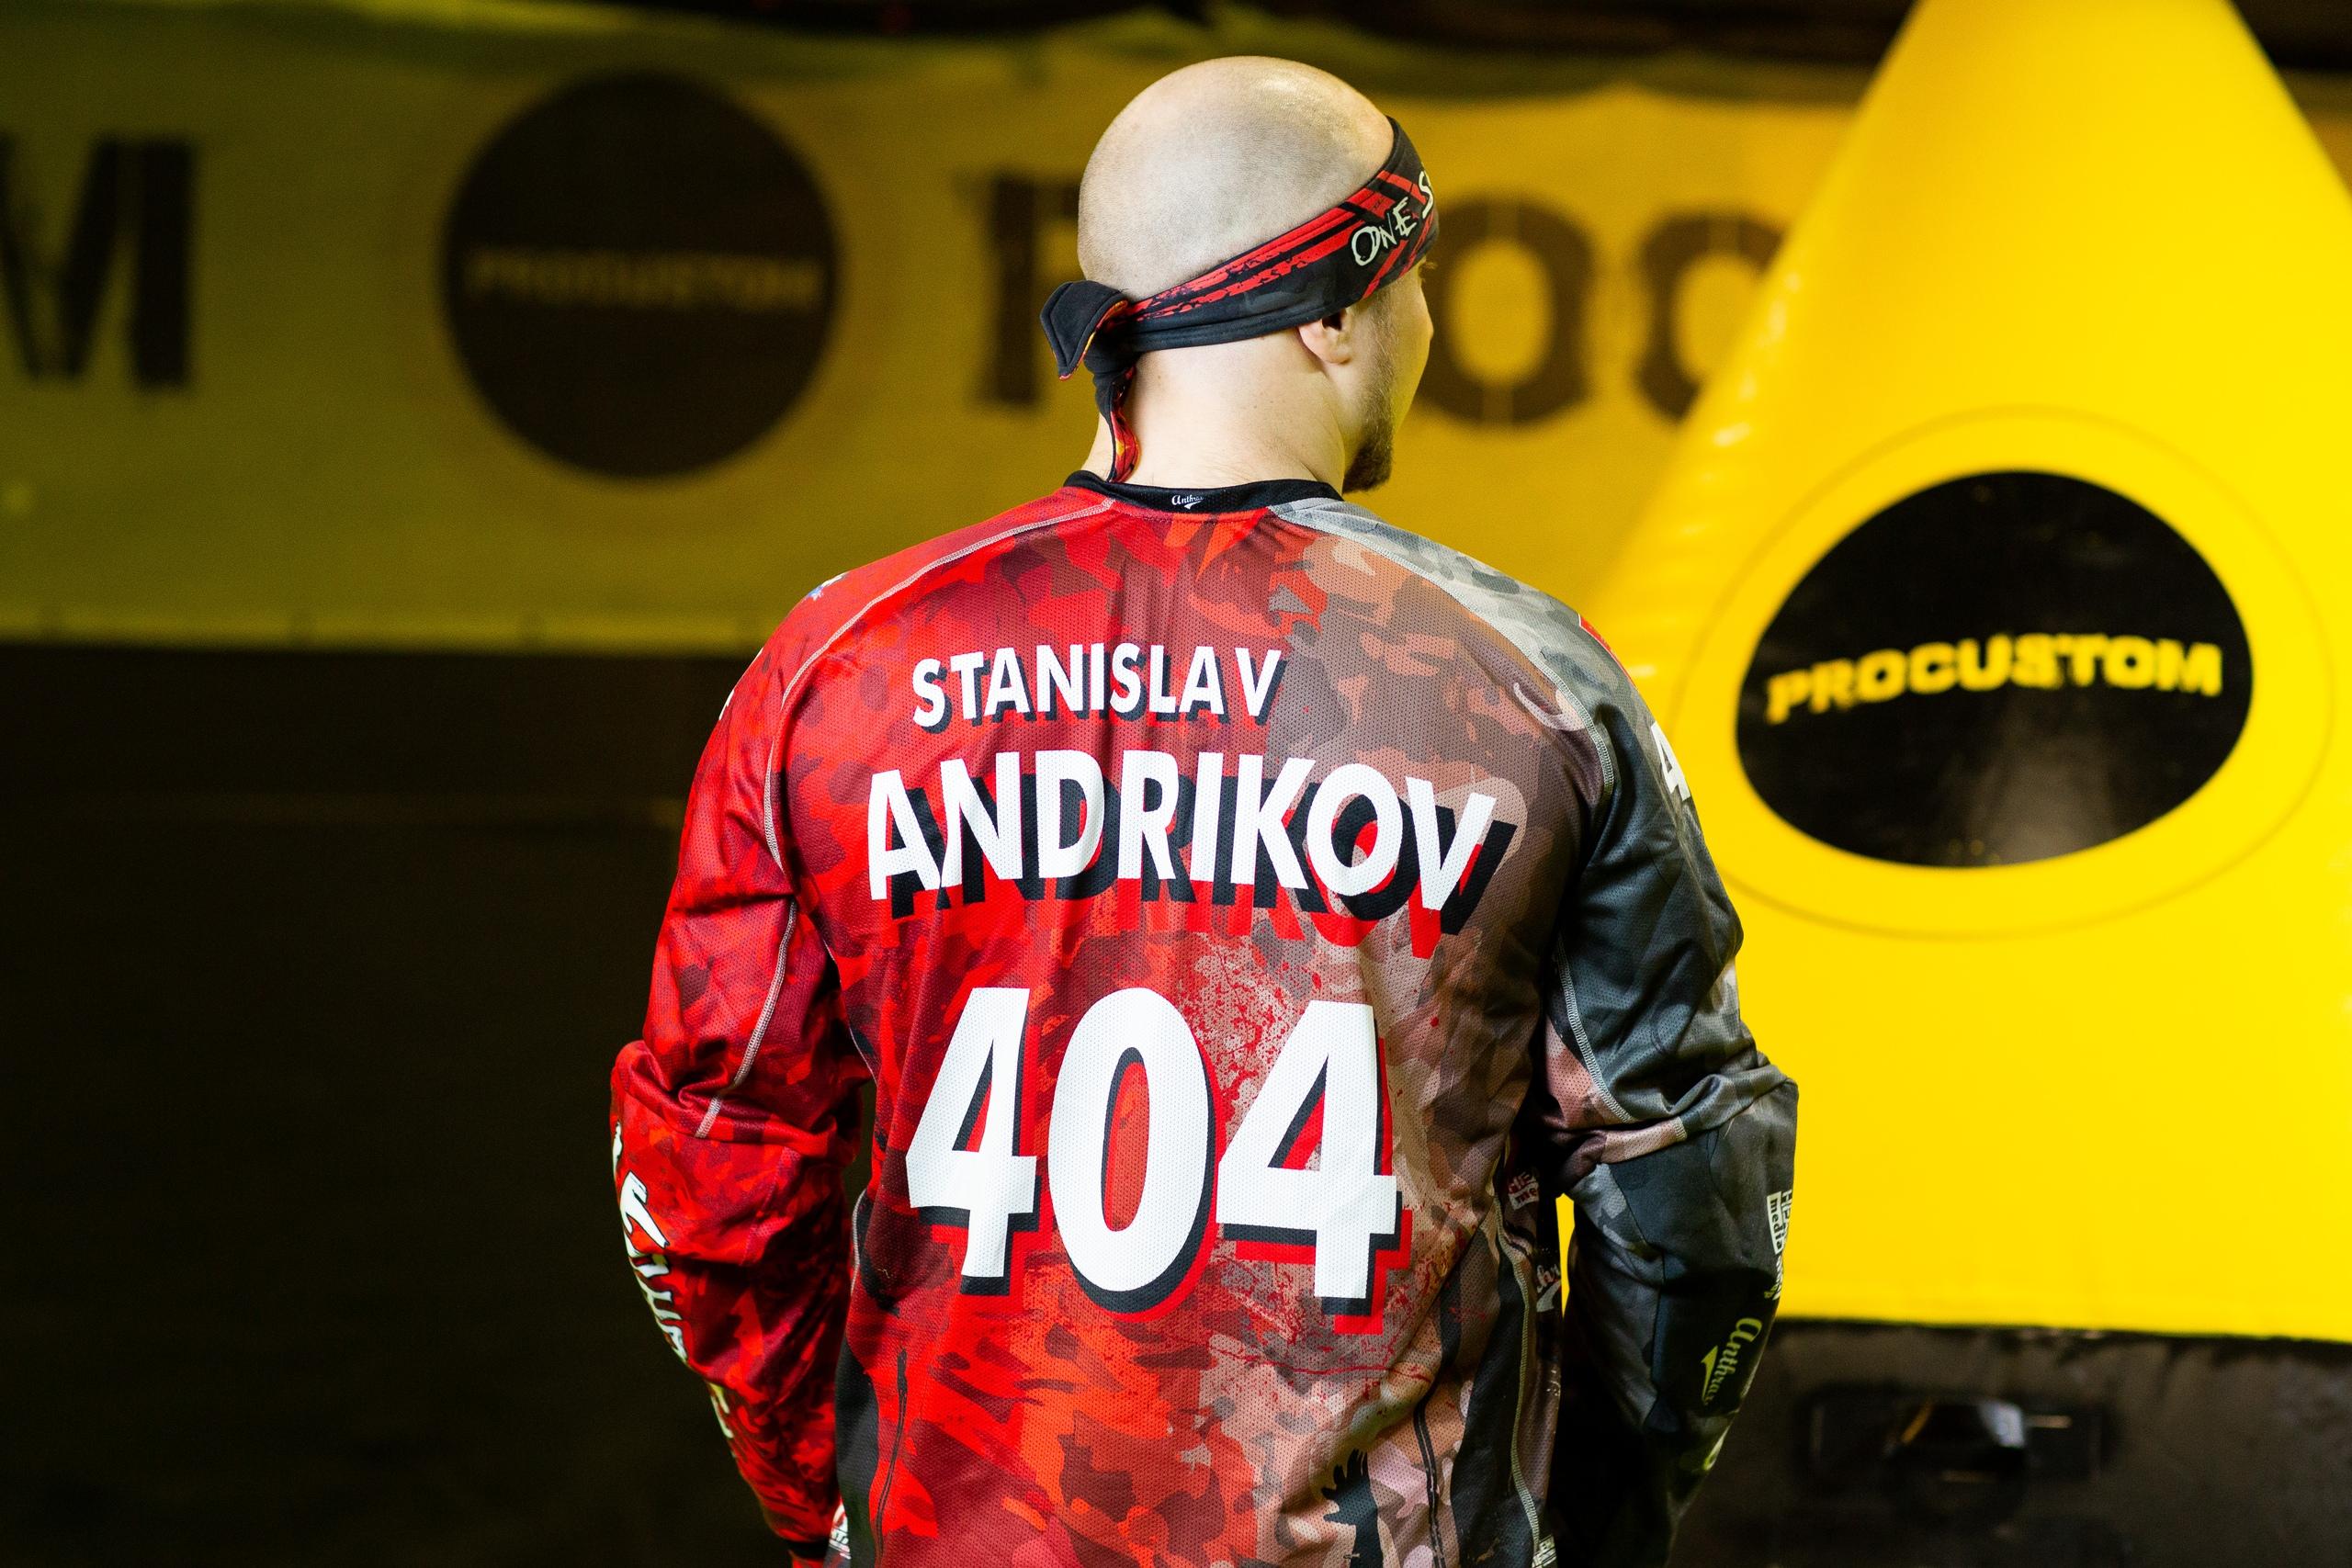 Андриков Станислав, №404,